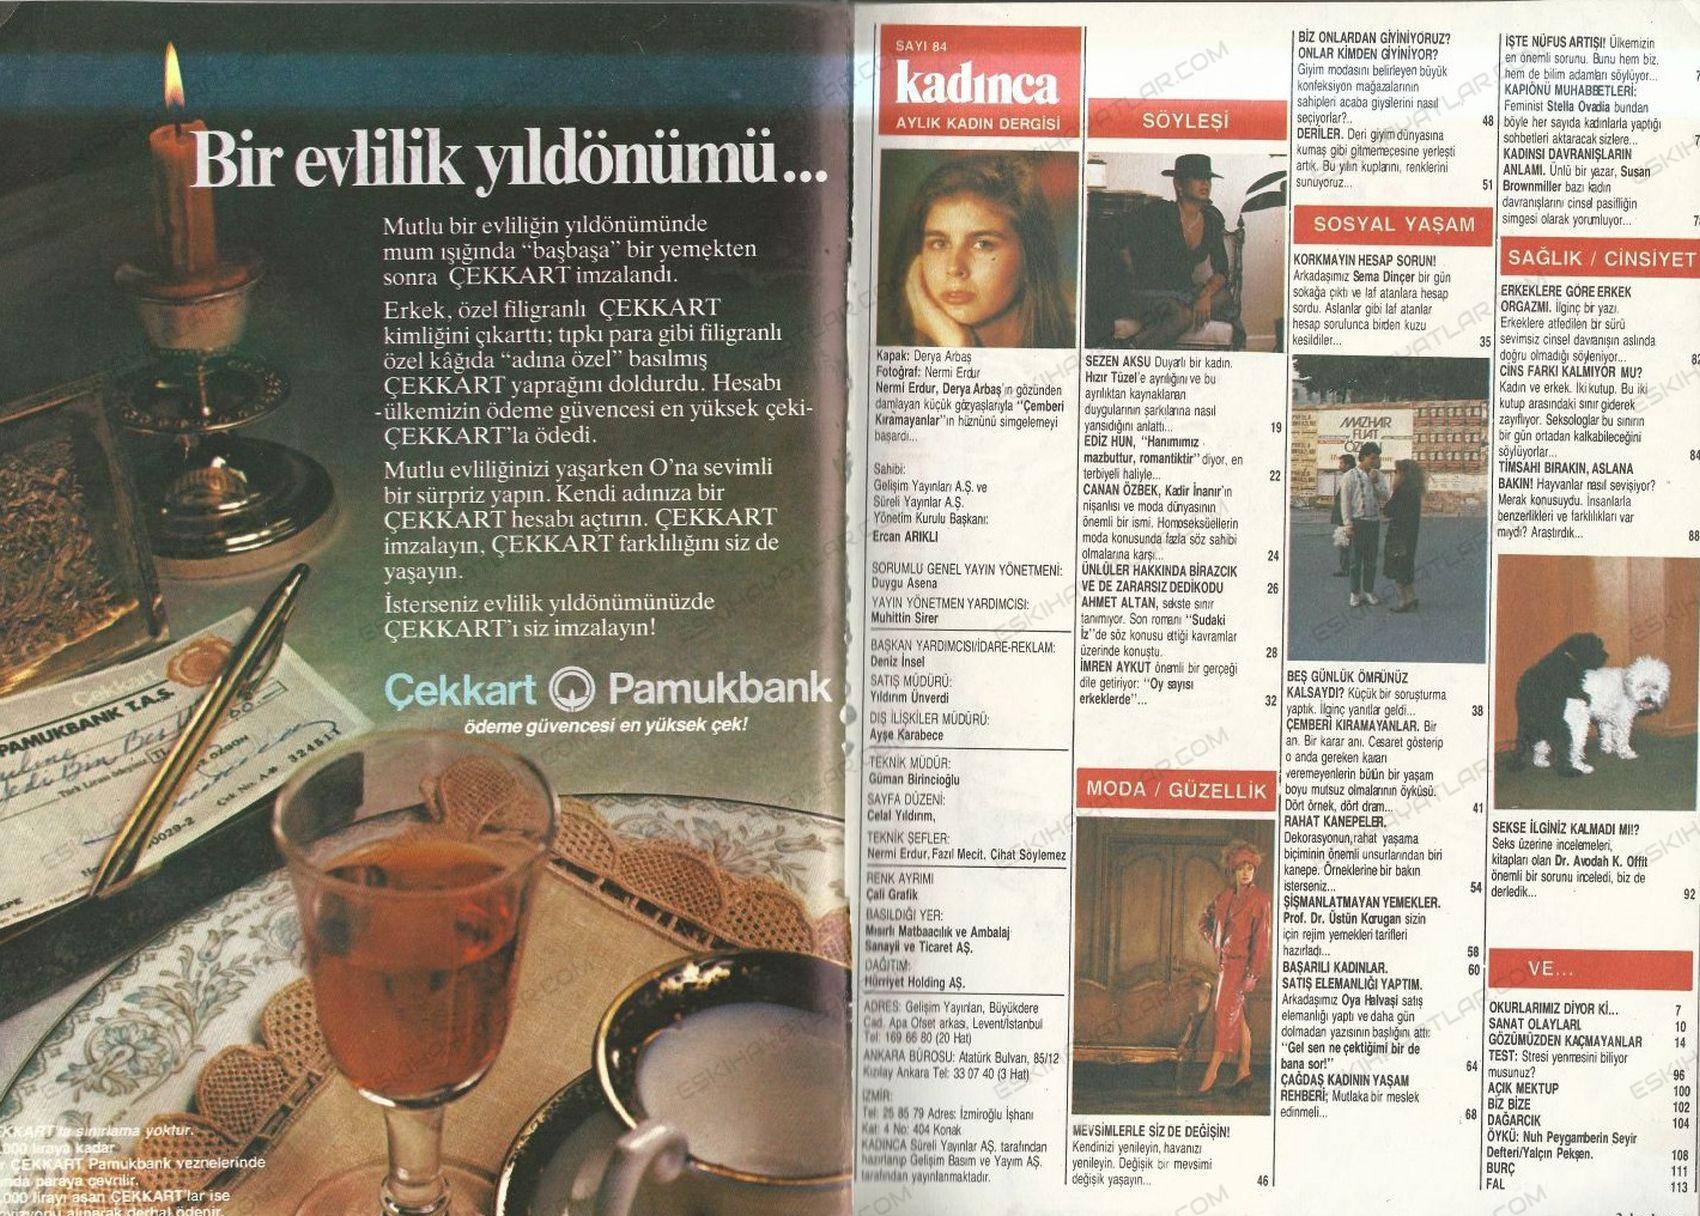 0418-bir-evlilik-yildonumu-cek-kart-pamukbank-reklami-1985-yili-kadinca-dergisi